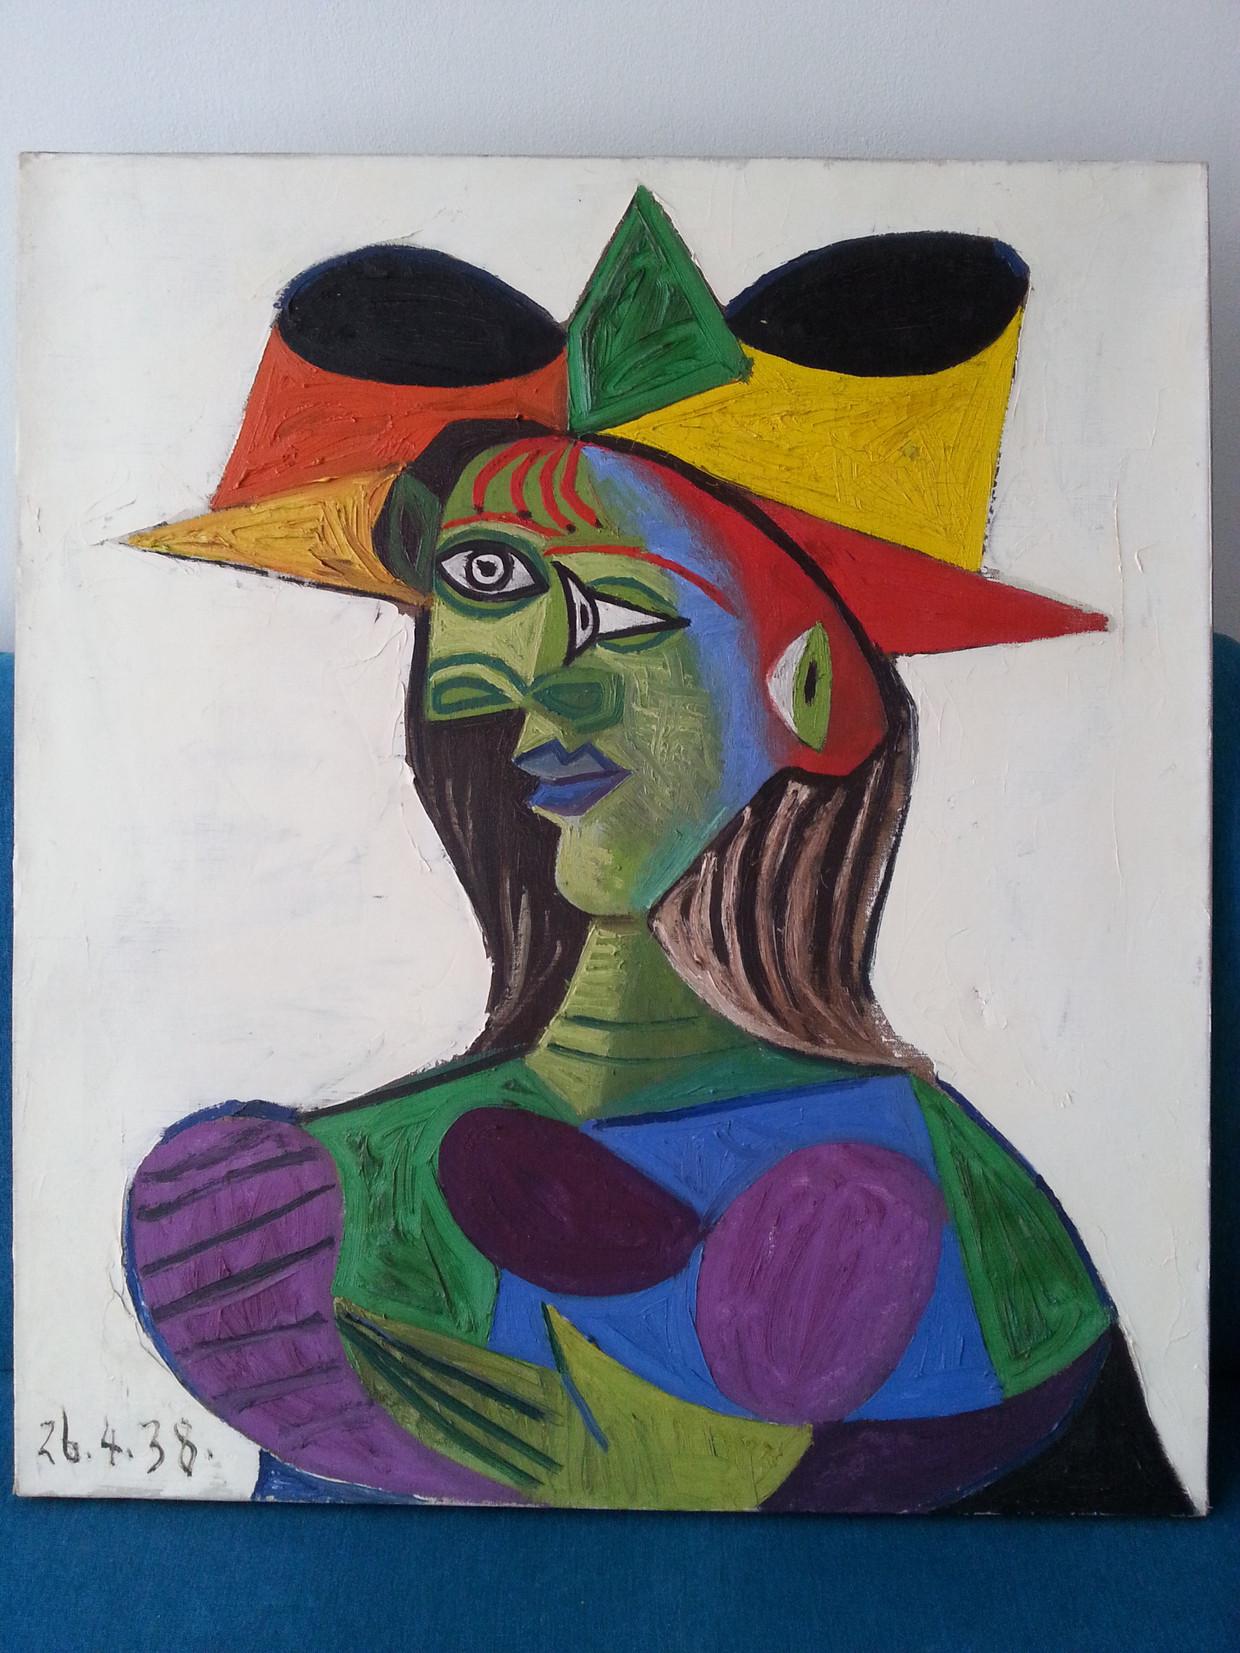 """Het gestolen en teruggevonden schilderij van Picasso: """"Buste de Femme"""" (1938). Het werk is """"nog in een goede staat, met een lichte beschadiging"""".  Beeld Tetteroo"""